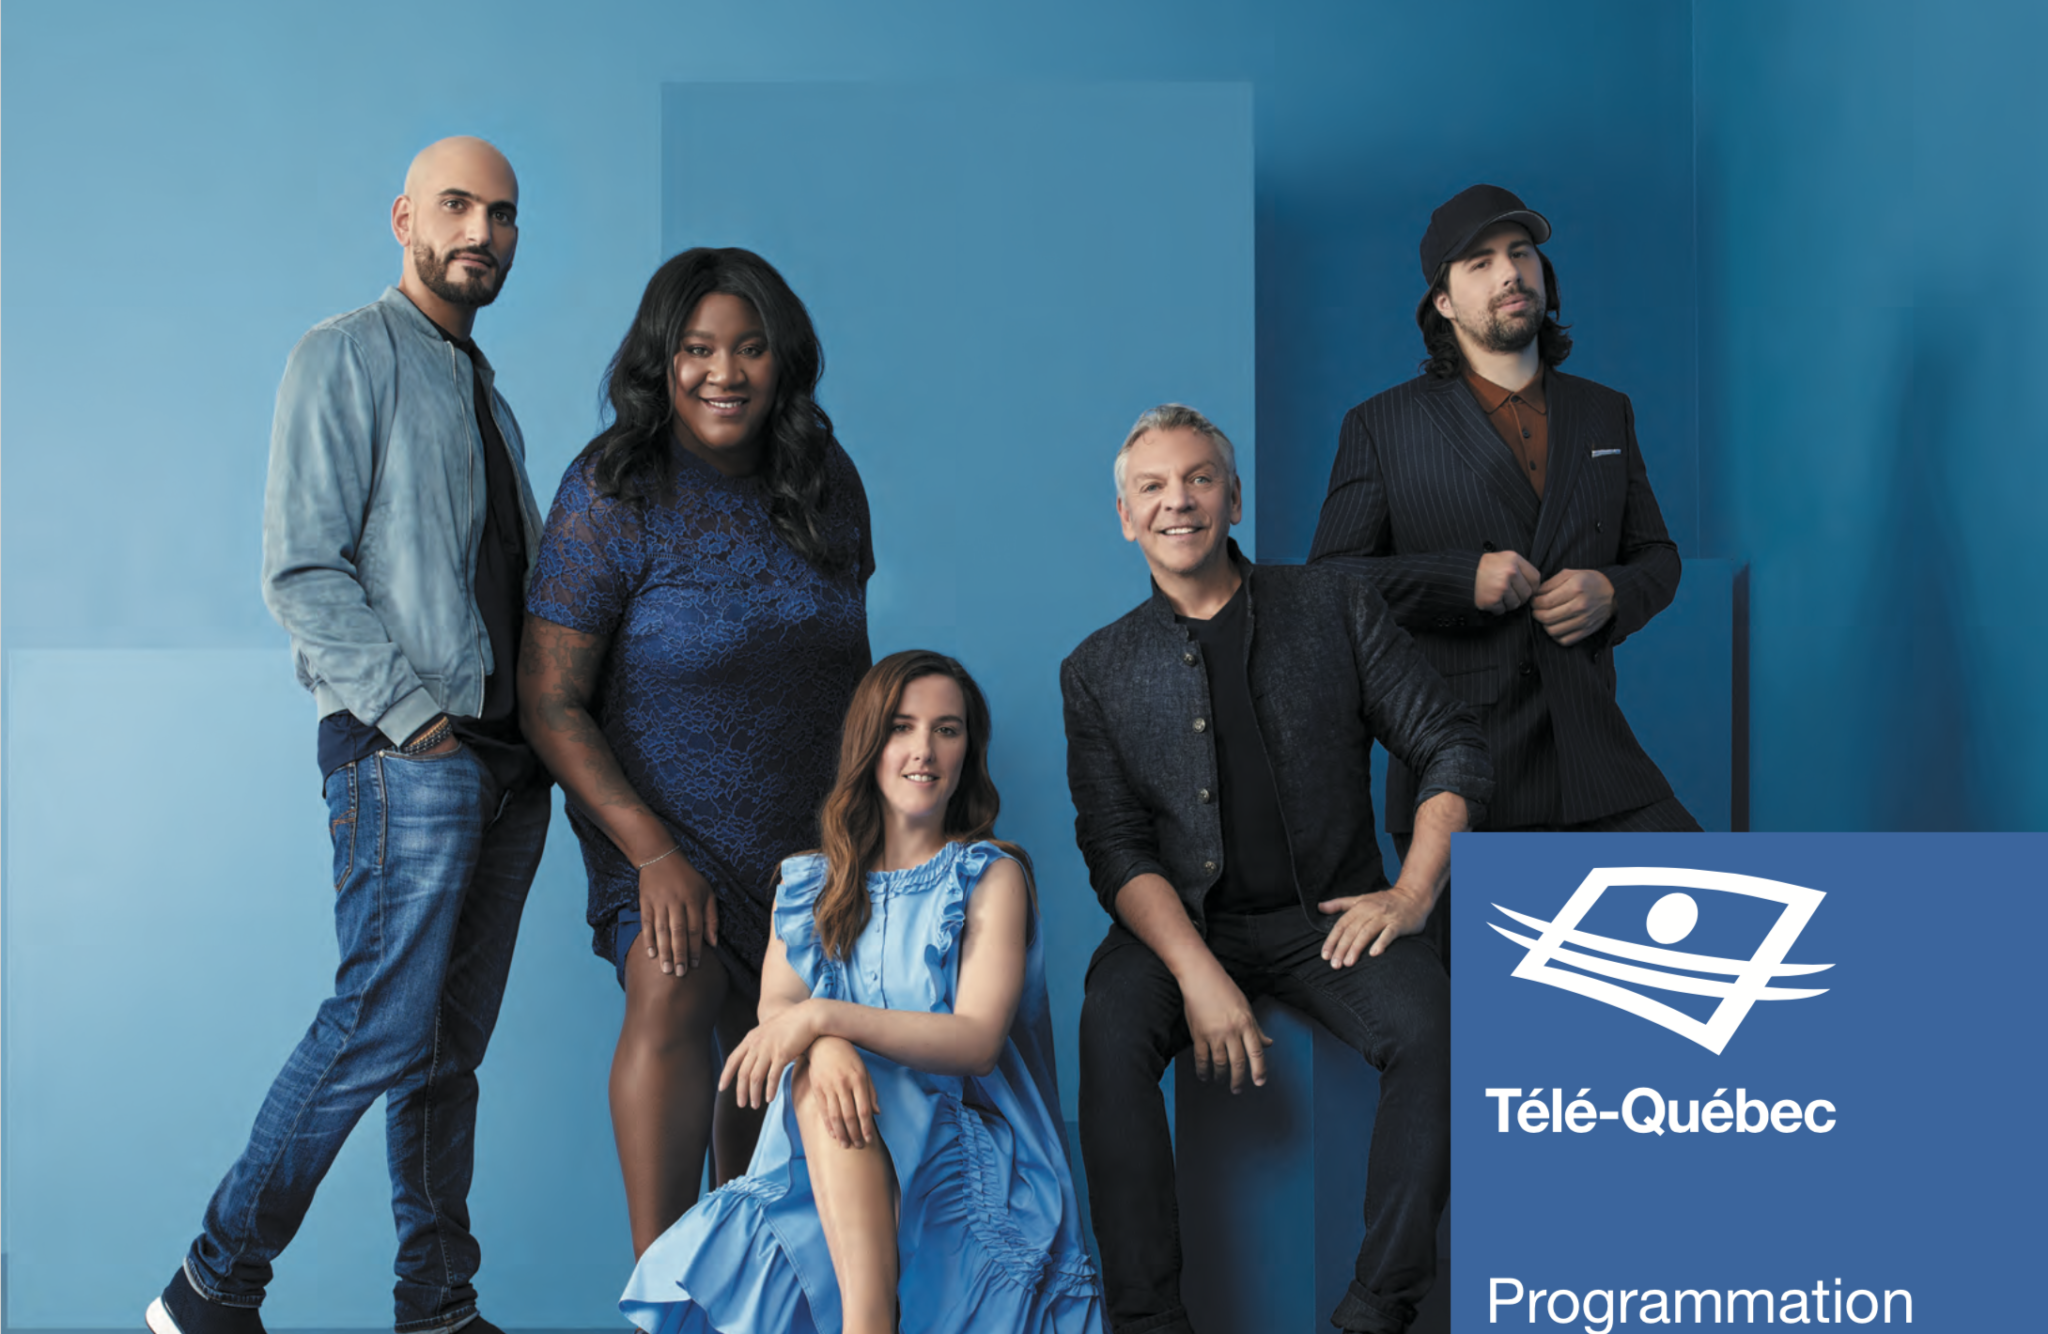 Saison 2019-2020 de Télé-Québec : la découverte est lancée!